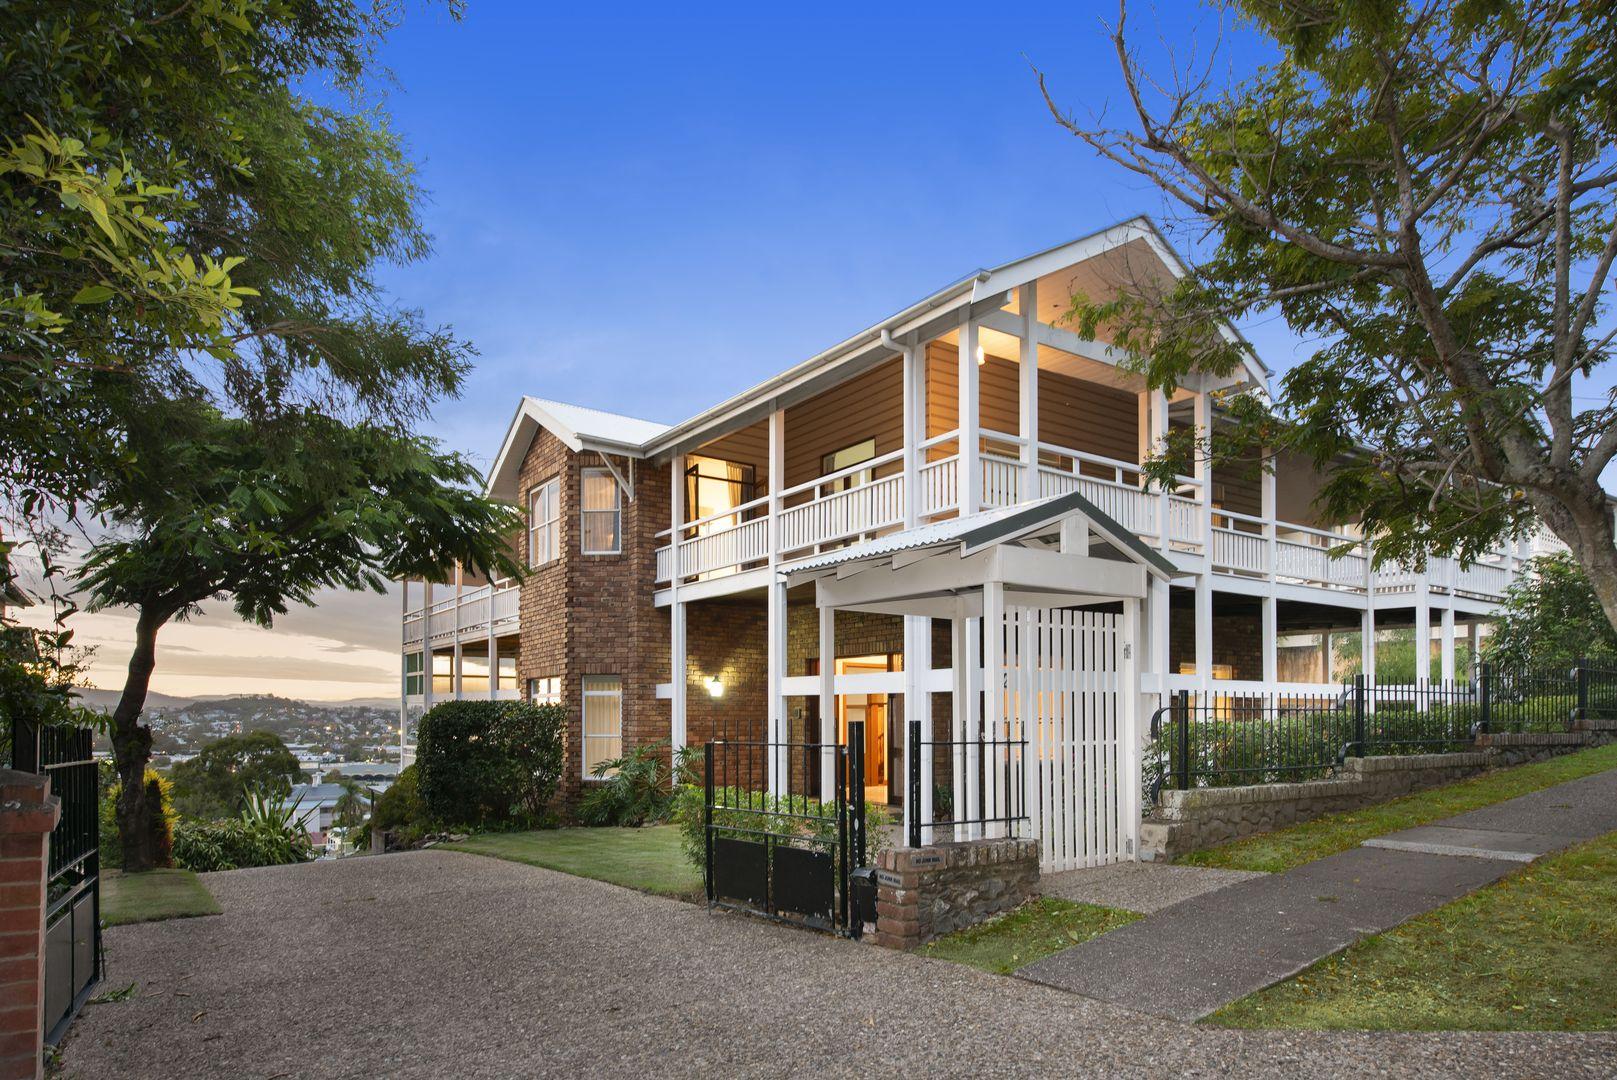 62 Toorak Road, Hamilton QLD 4007, Image 0